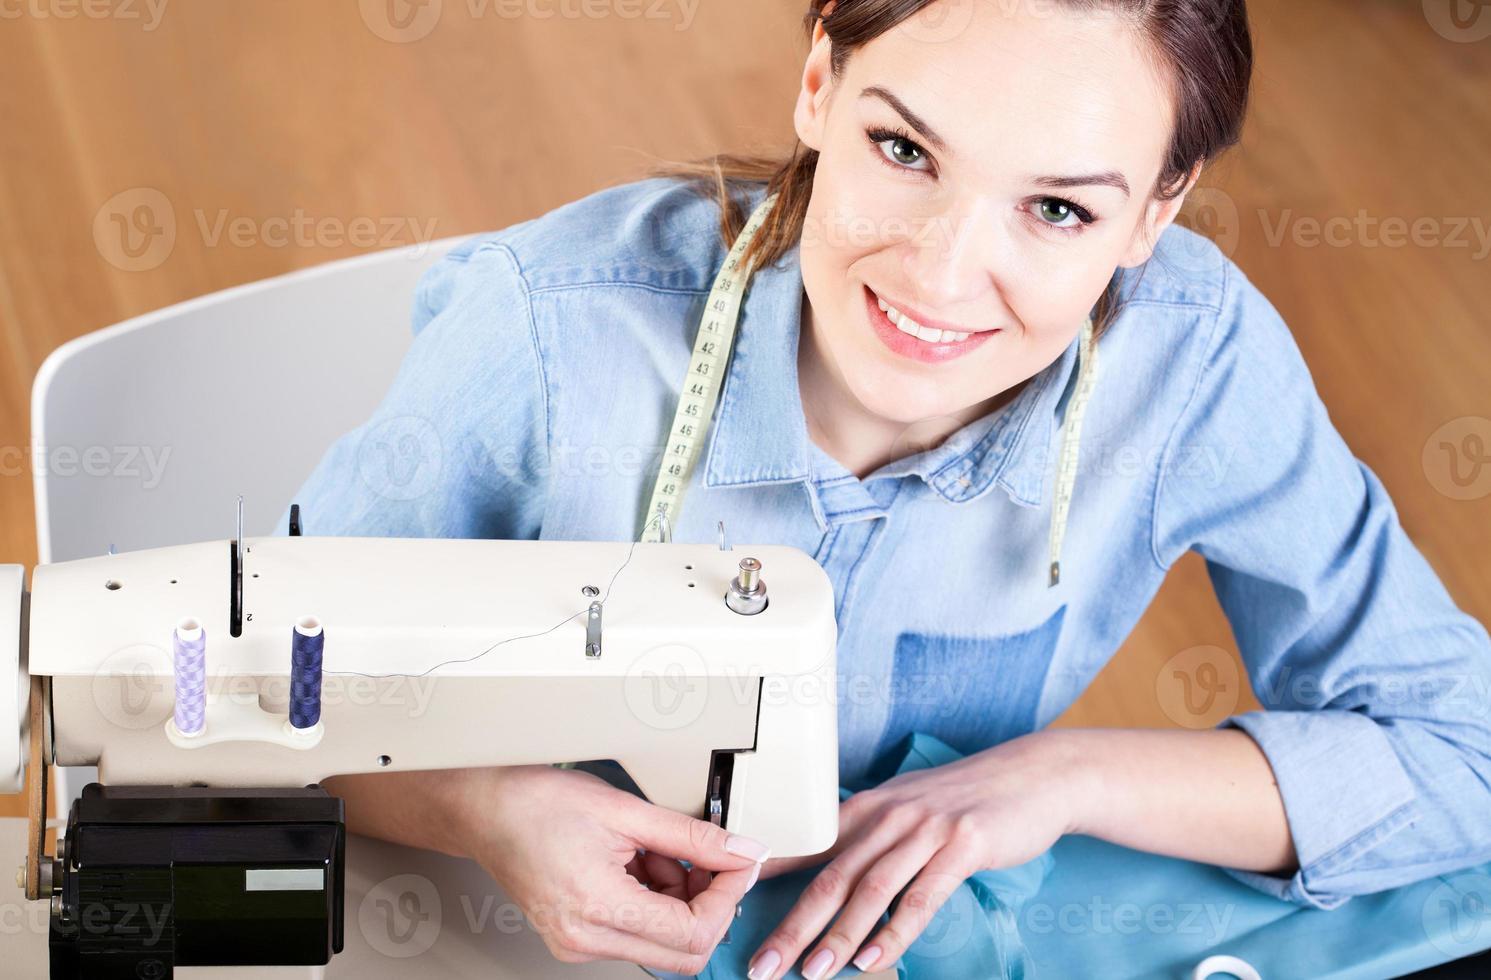 costurera cosiendo ropa foto